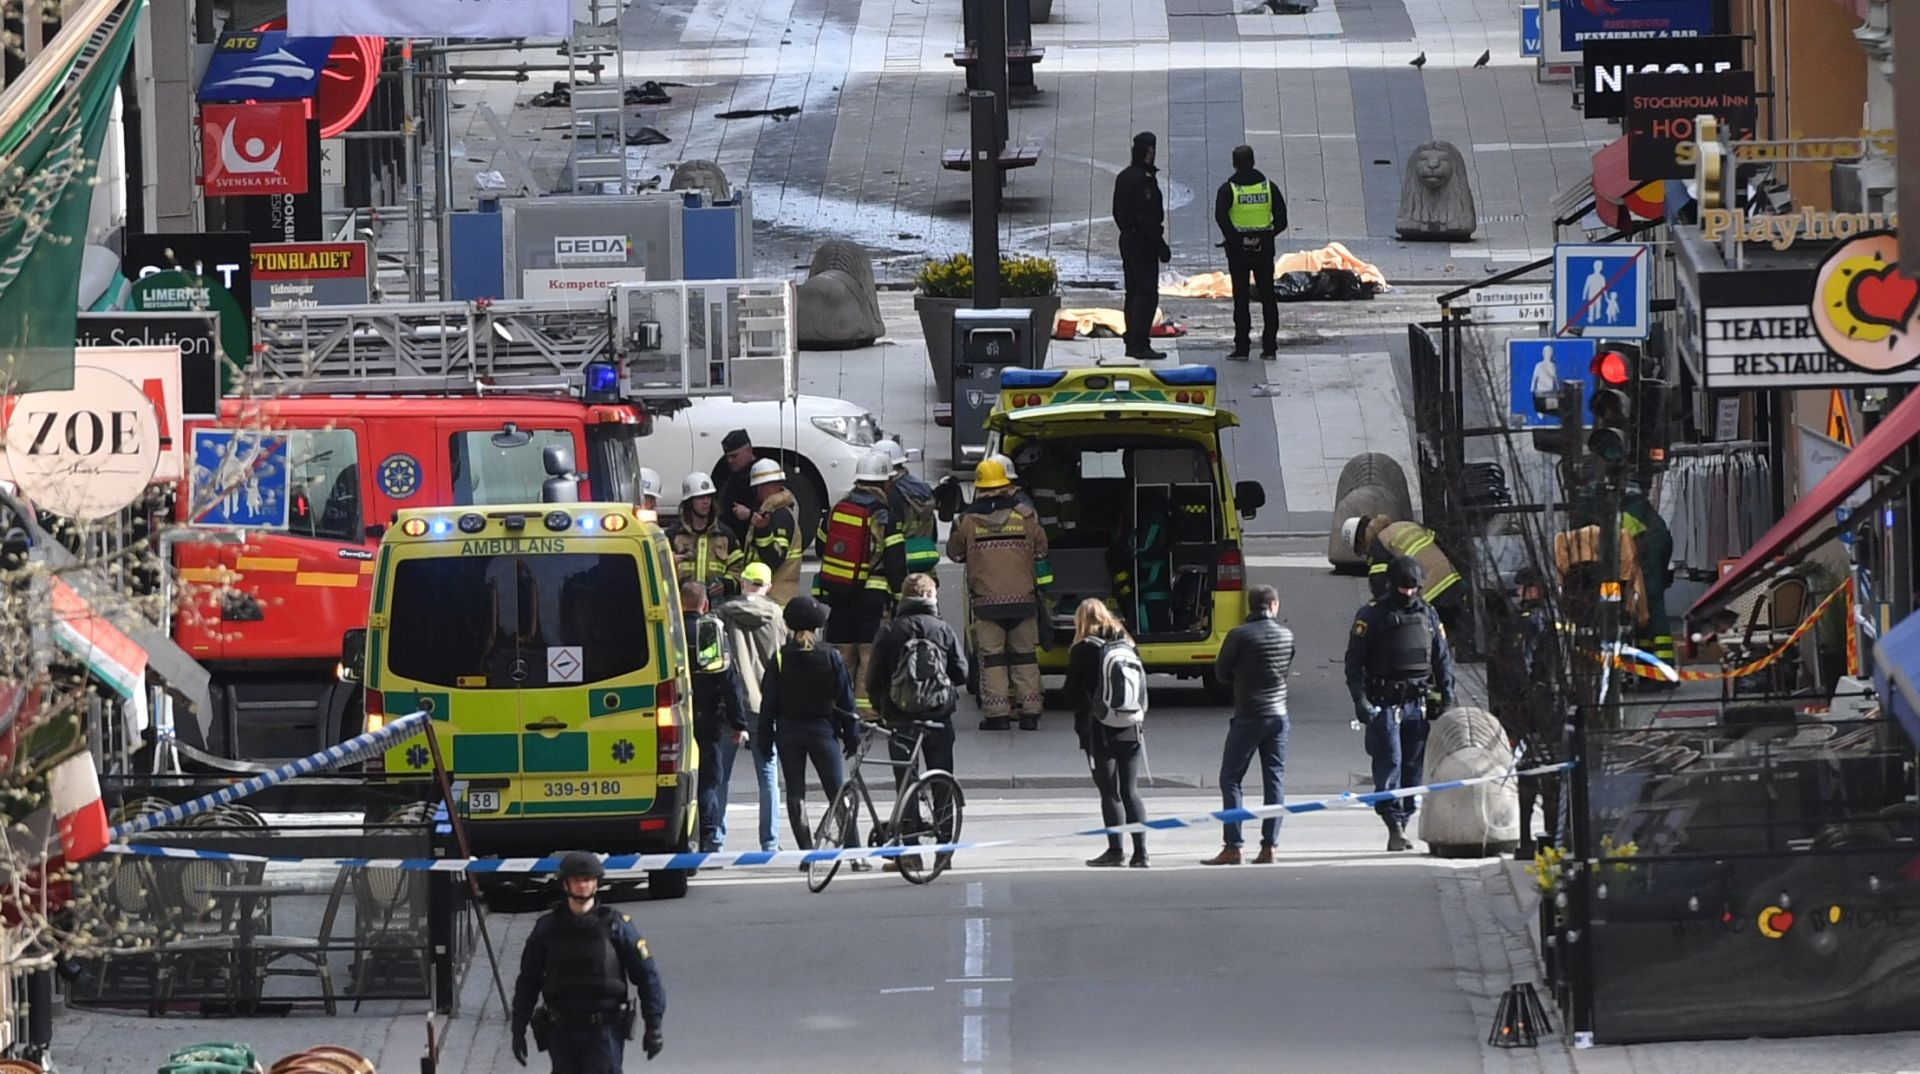 STOCKHOLM U kamionu kojim je izvršen napad pronađena sumnjiva naprava